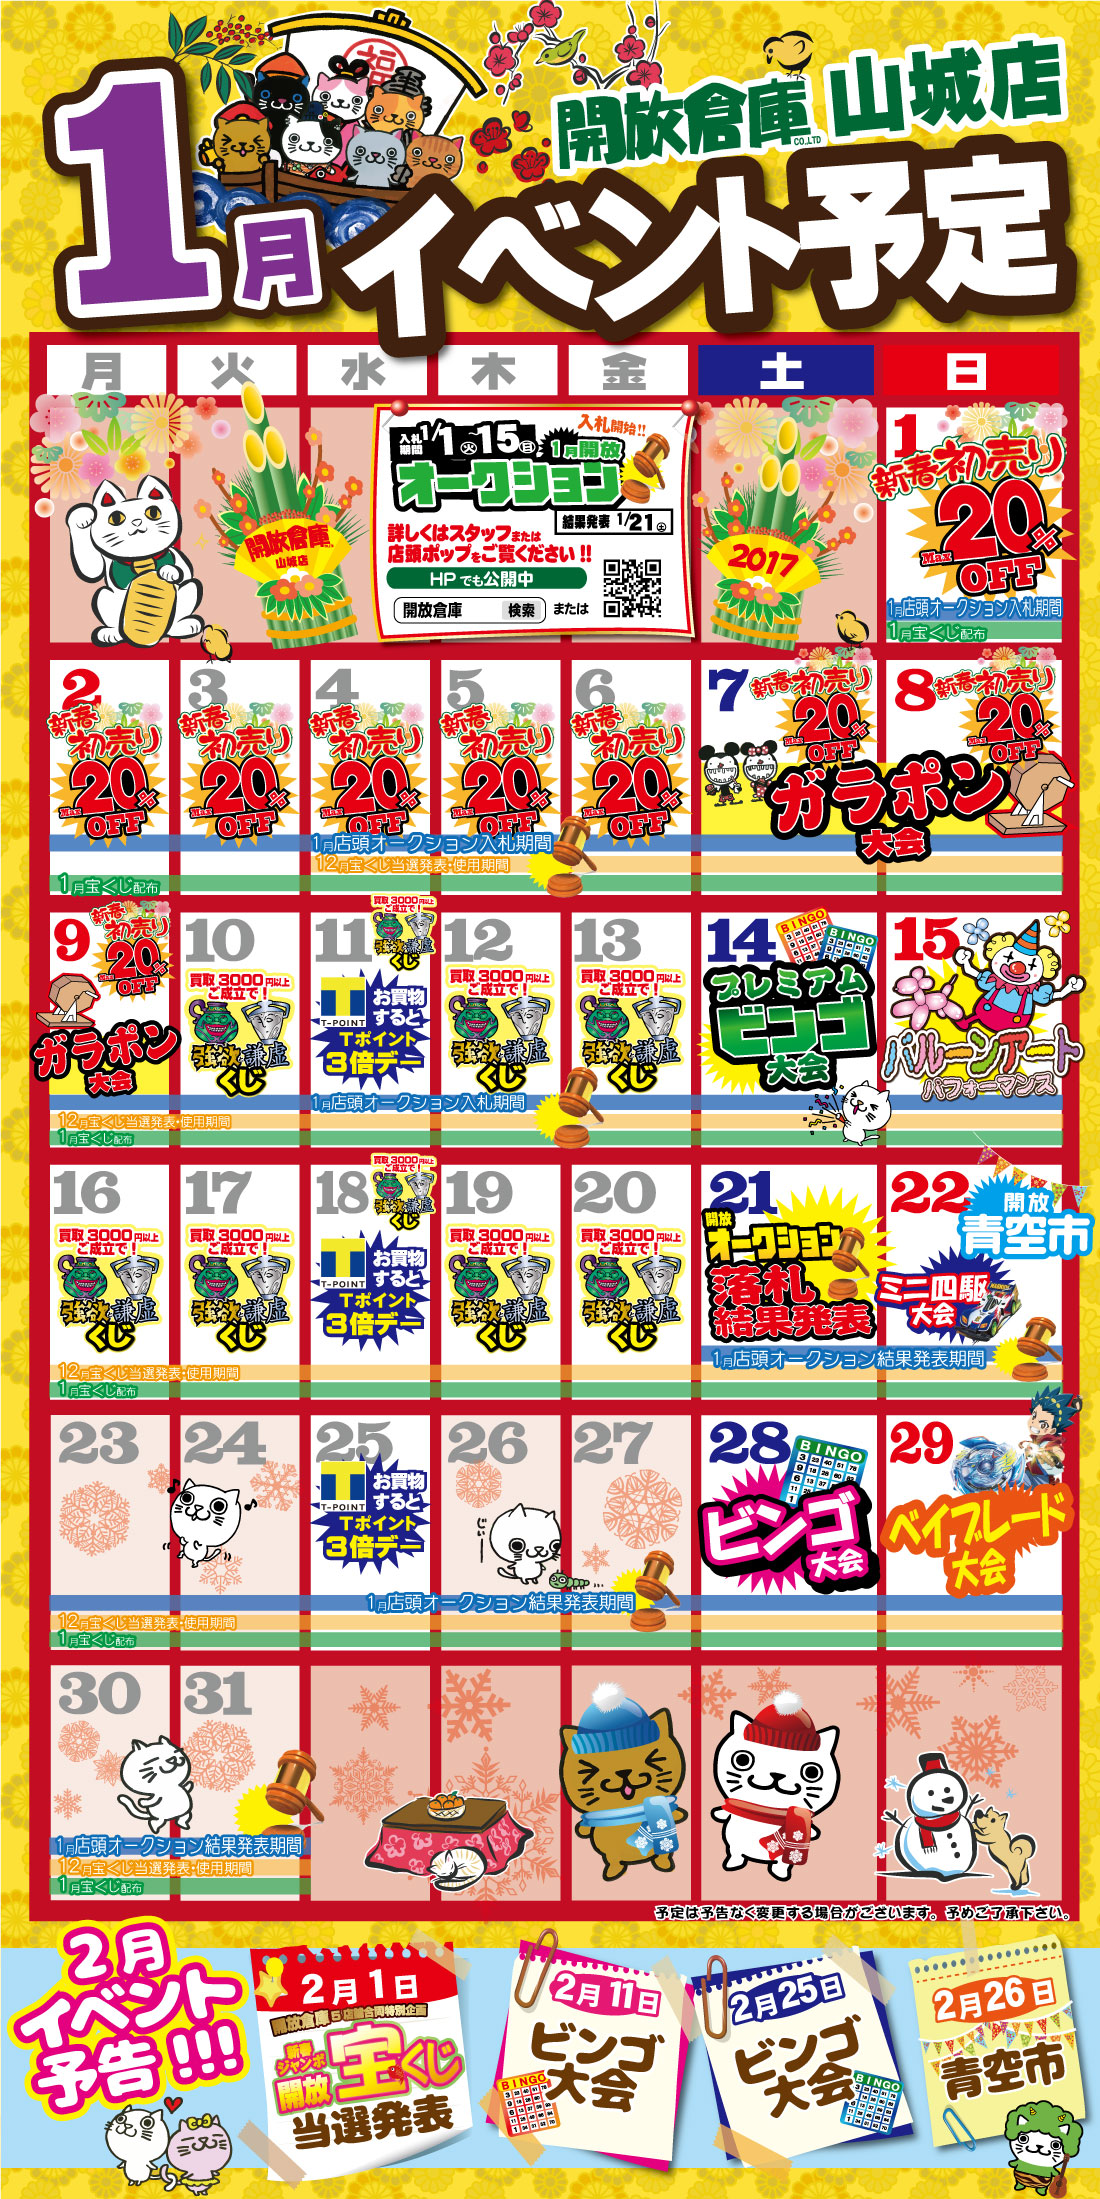 「開放倉庫山城店」2017年1月のイベントカレンダー公開!!